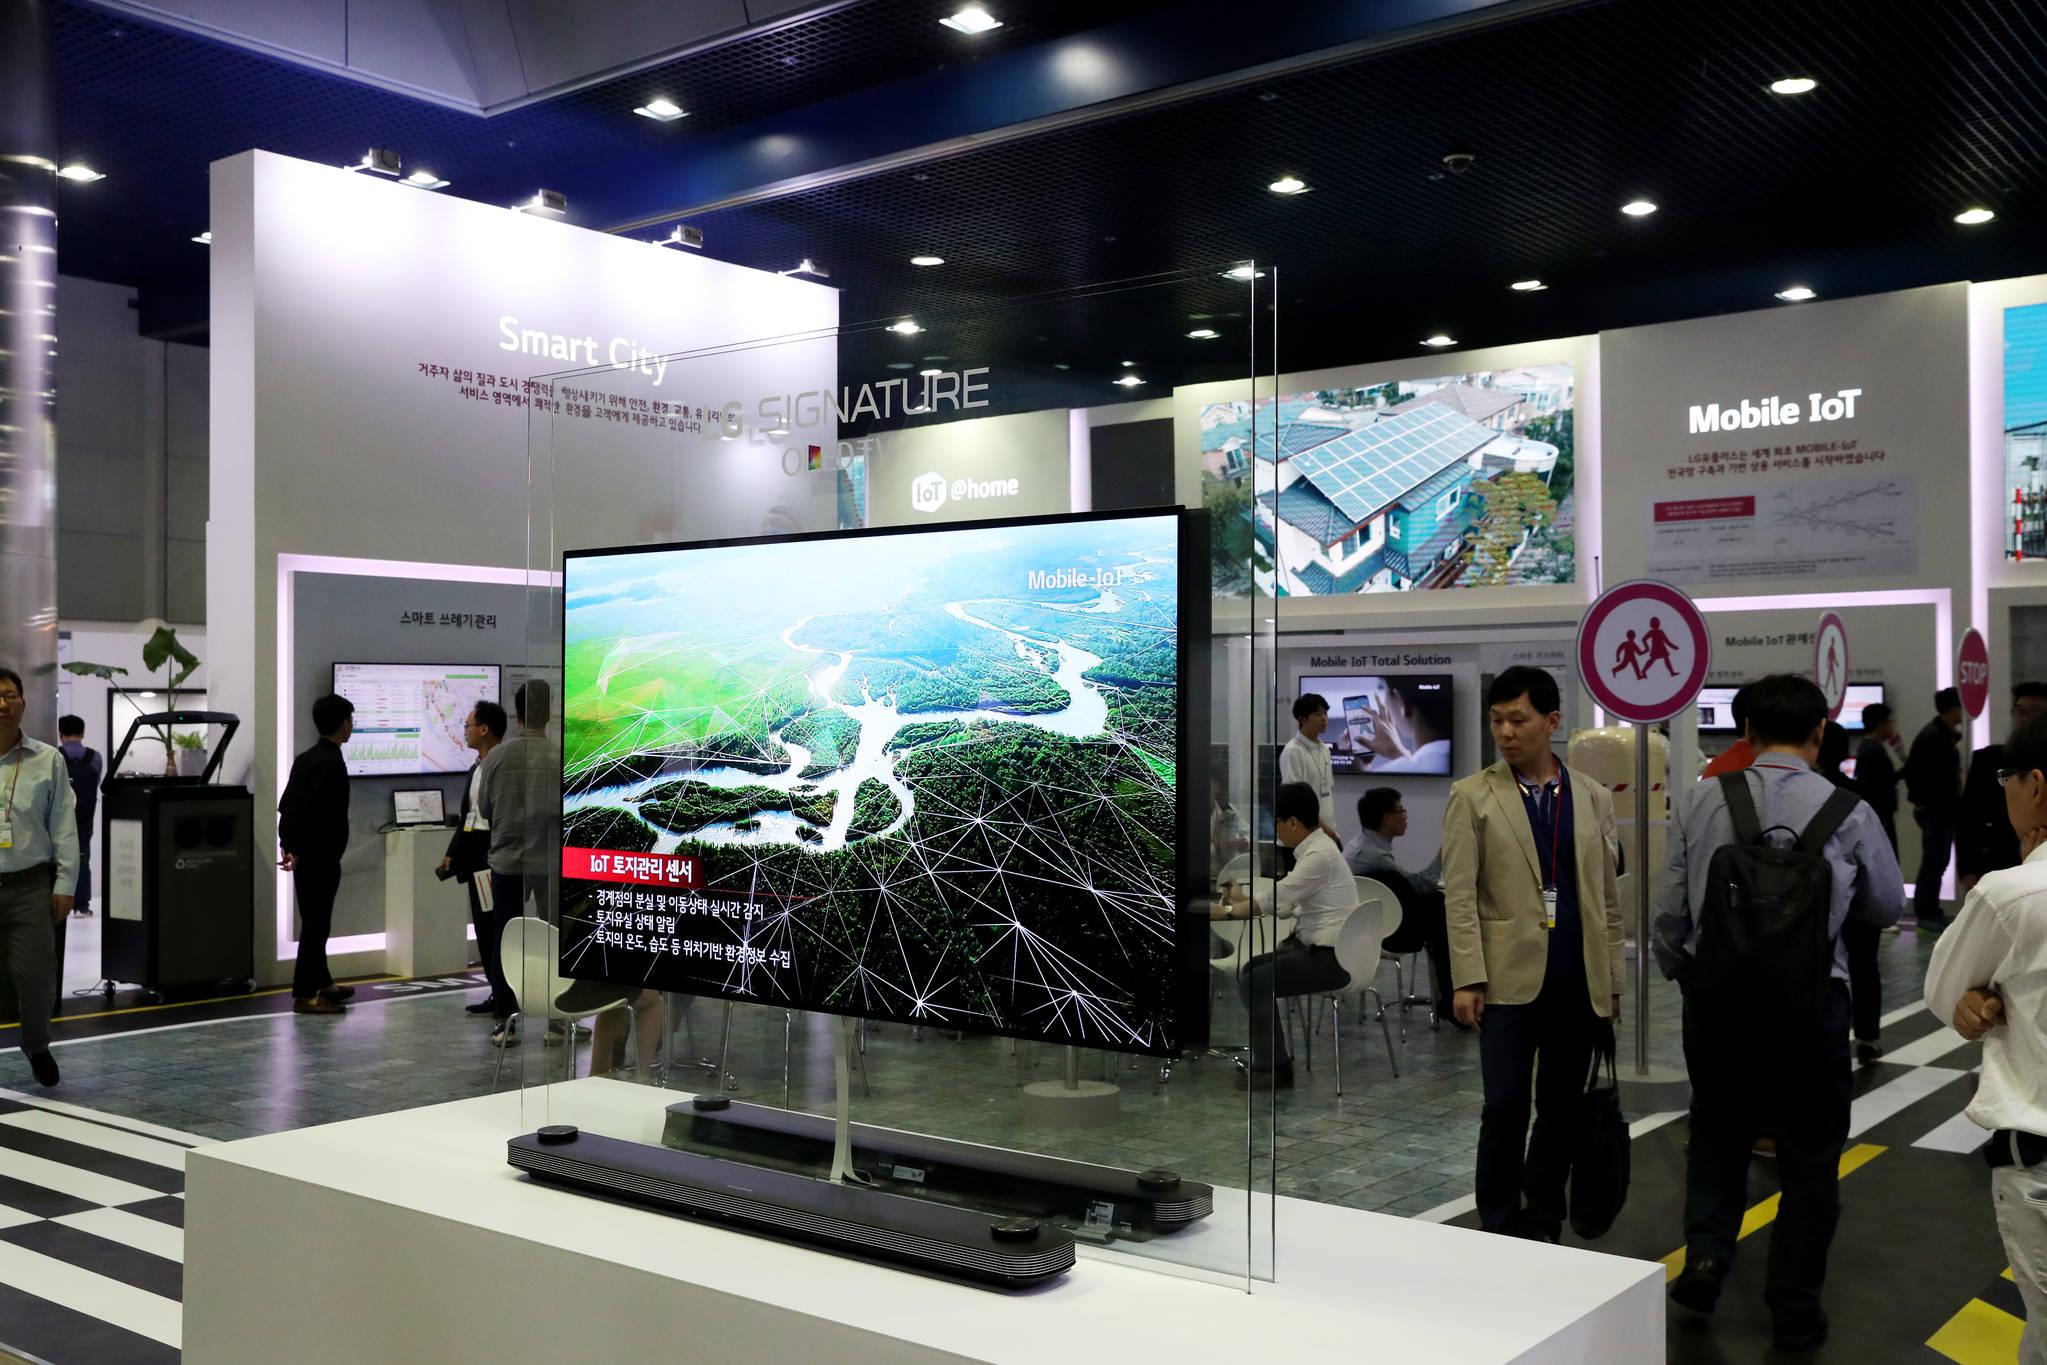 사물인터넷(IOT) 제품과 서비스를 한자리에서 볼 수 있는 '2017 사물인터넷 국제전시회'가 11일 서울 코엑스에서 열렸다. 이번 전시에는 통신3사를 비롯한 국내외 기업들이 가정과 일터, 도시, 자동차 등 생활 전반에 적용된 다양한 IoT 제품과 서비스를 선보인다.우상조 기자